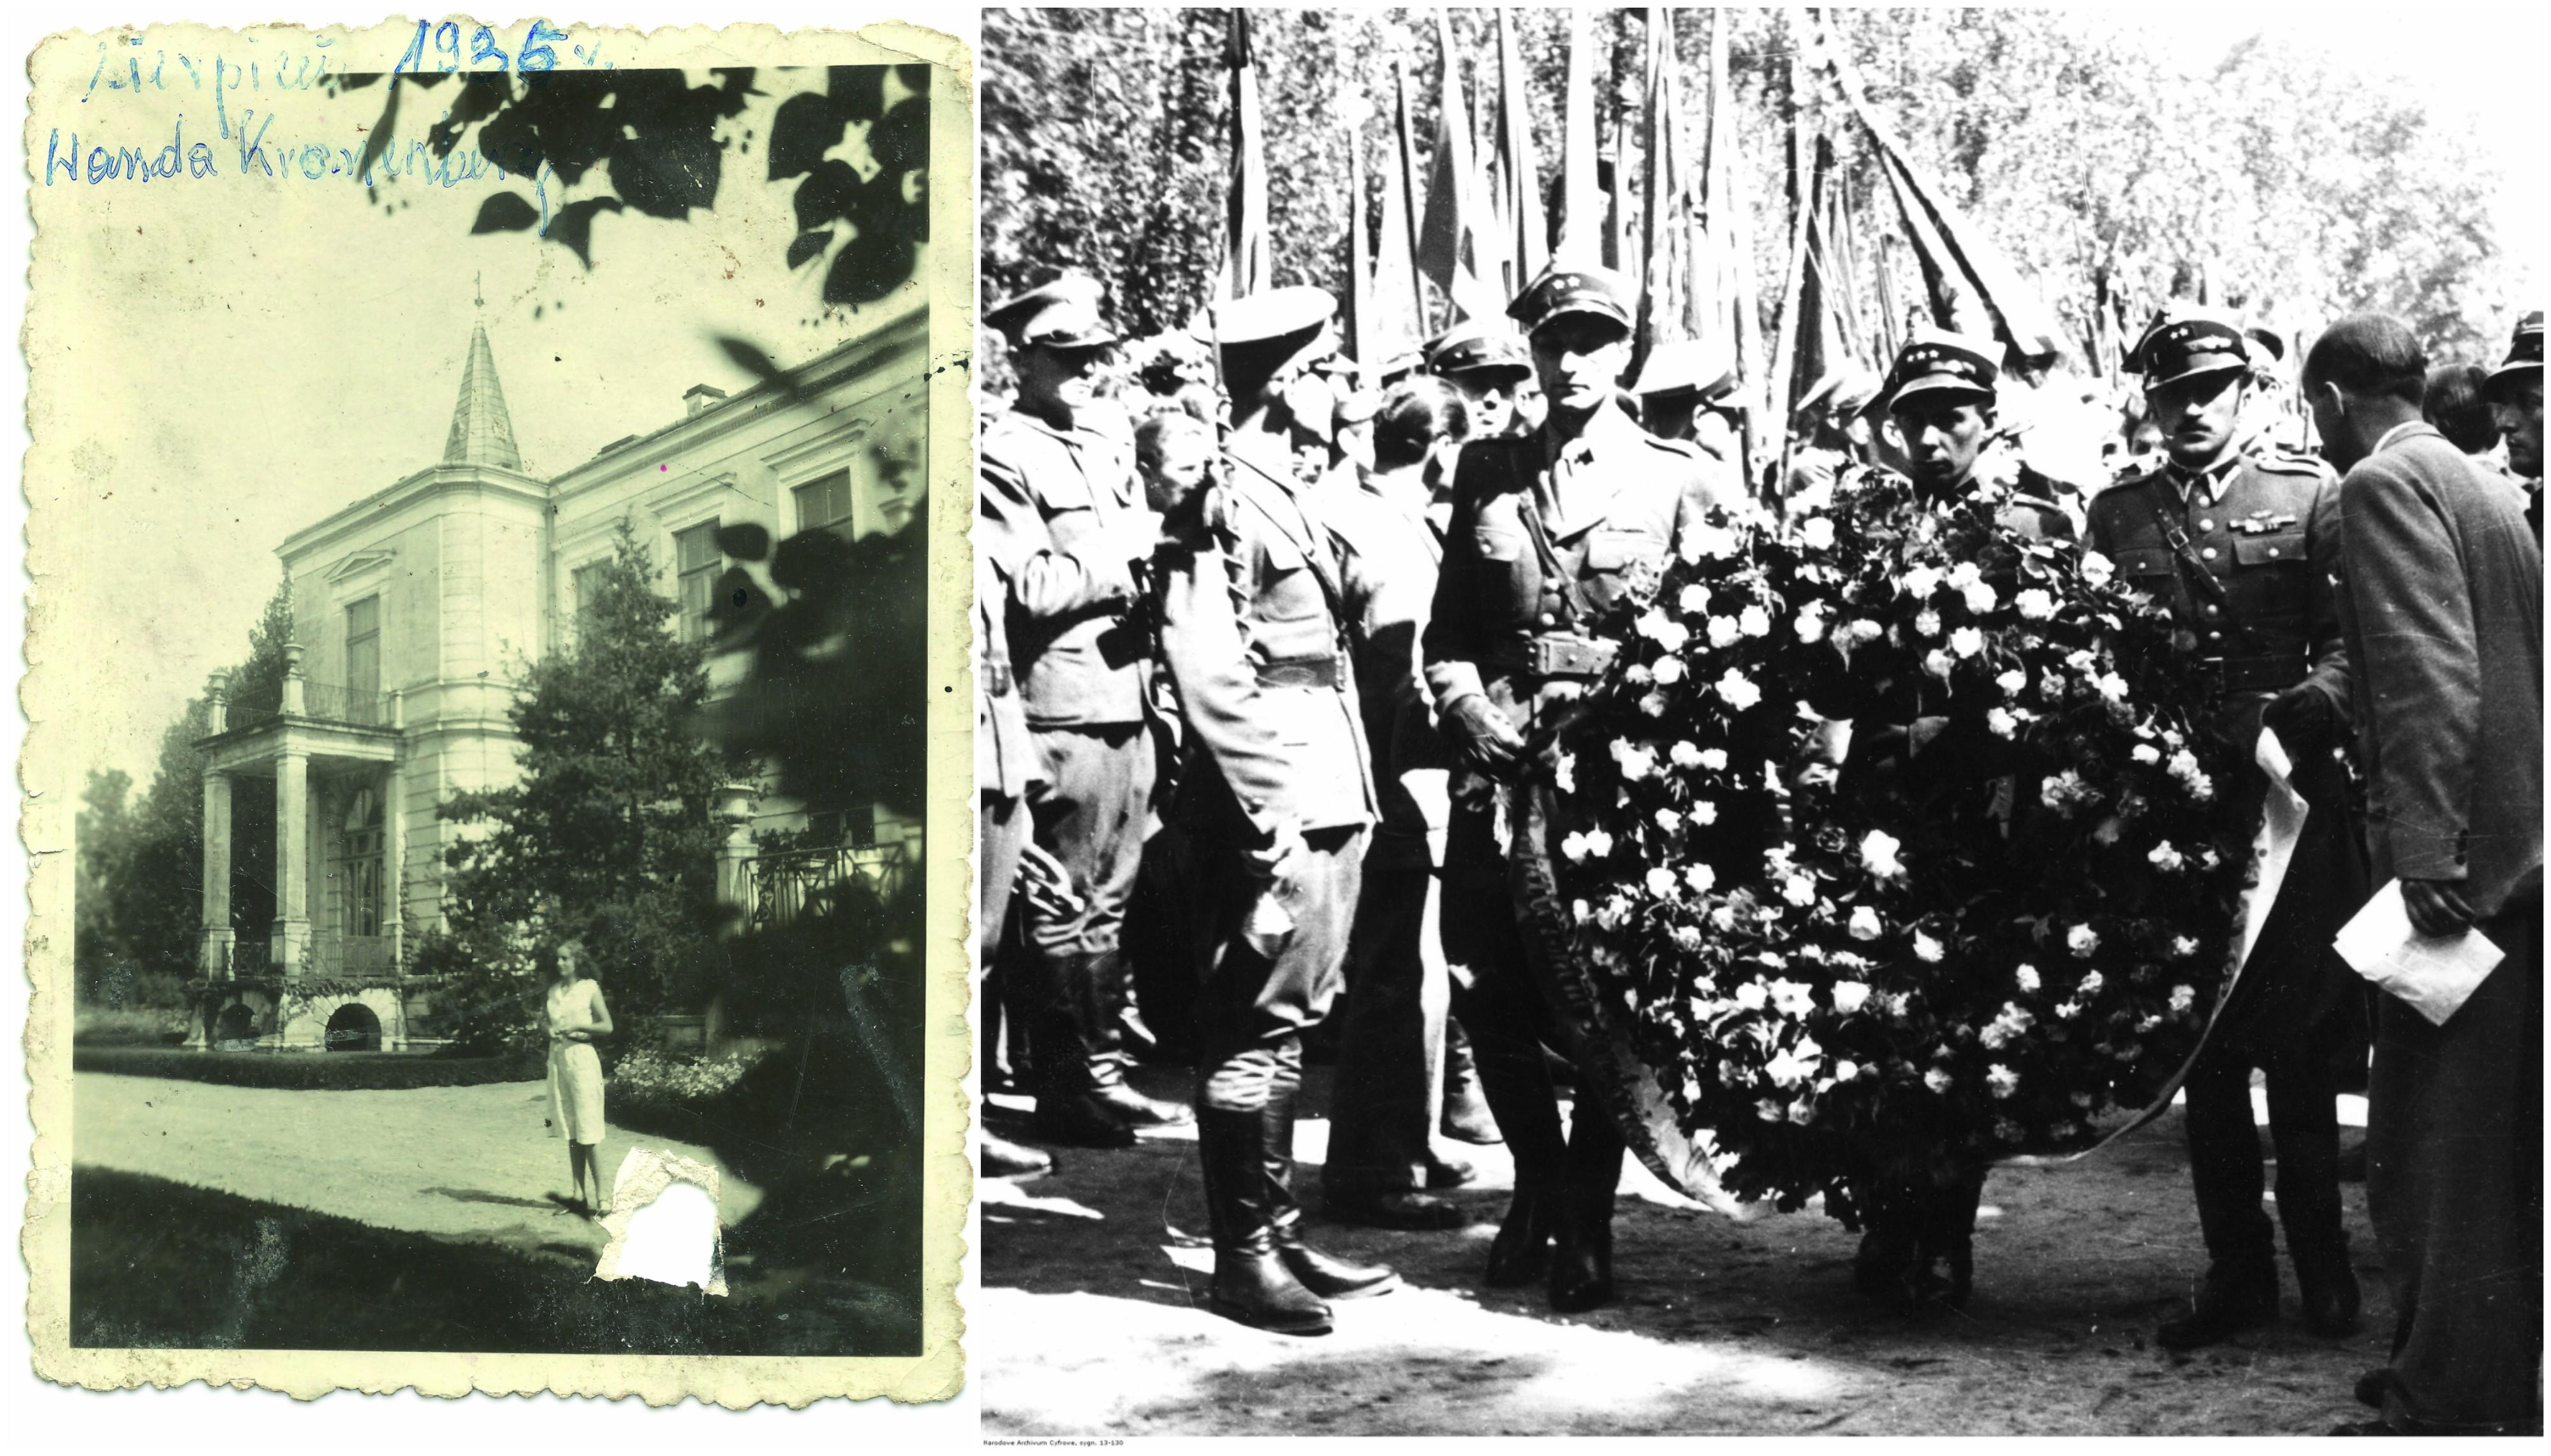 Z lewej Wanda Kronenberg w 1936 r. Z prawej Cmentarz Wojskowy na Powązkach - uroczystość poświęcenia pomnika pamięci żołnierzy AK. Składanie wieńca przez wojskowych (fot. materiały prasowe / Narodowe Archiwum Cyfrowe)